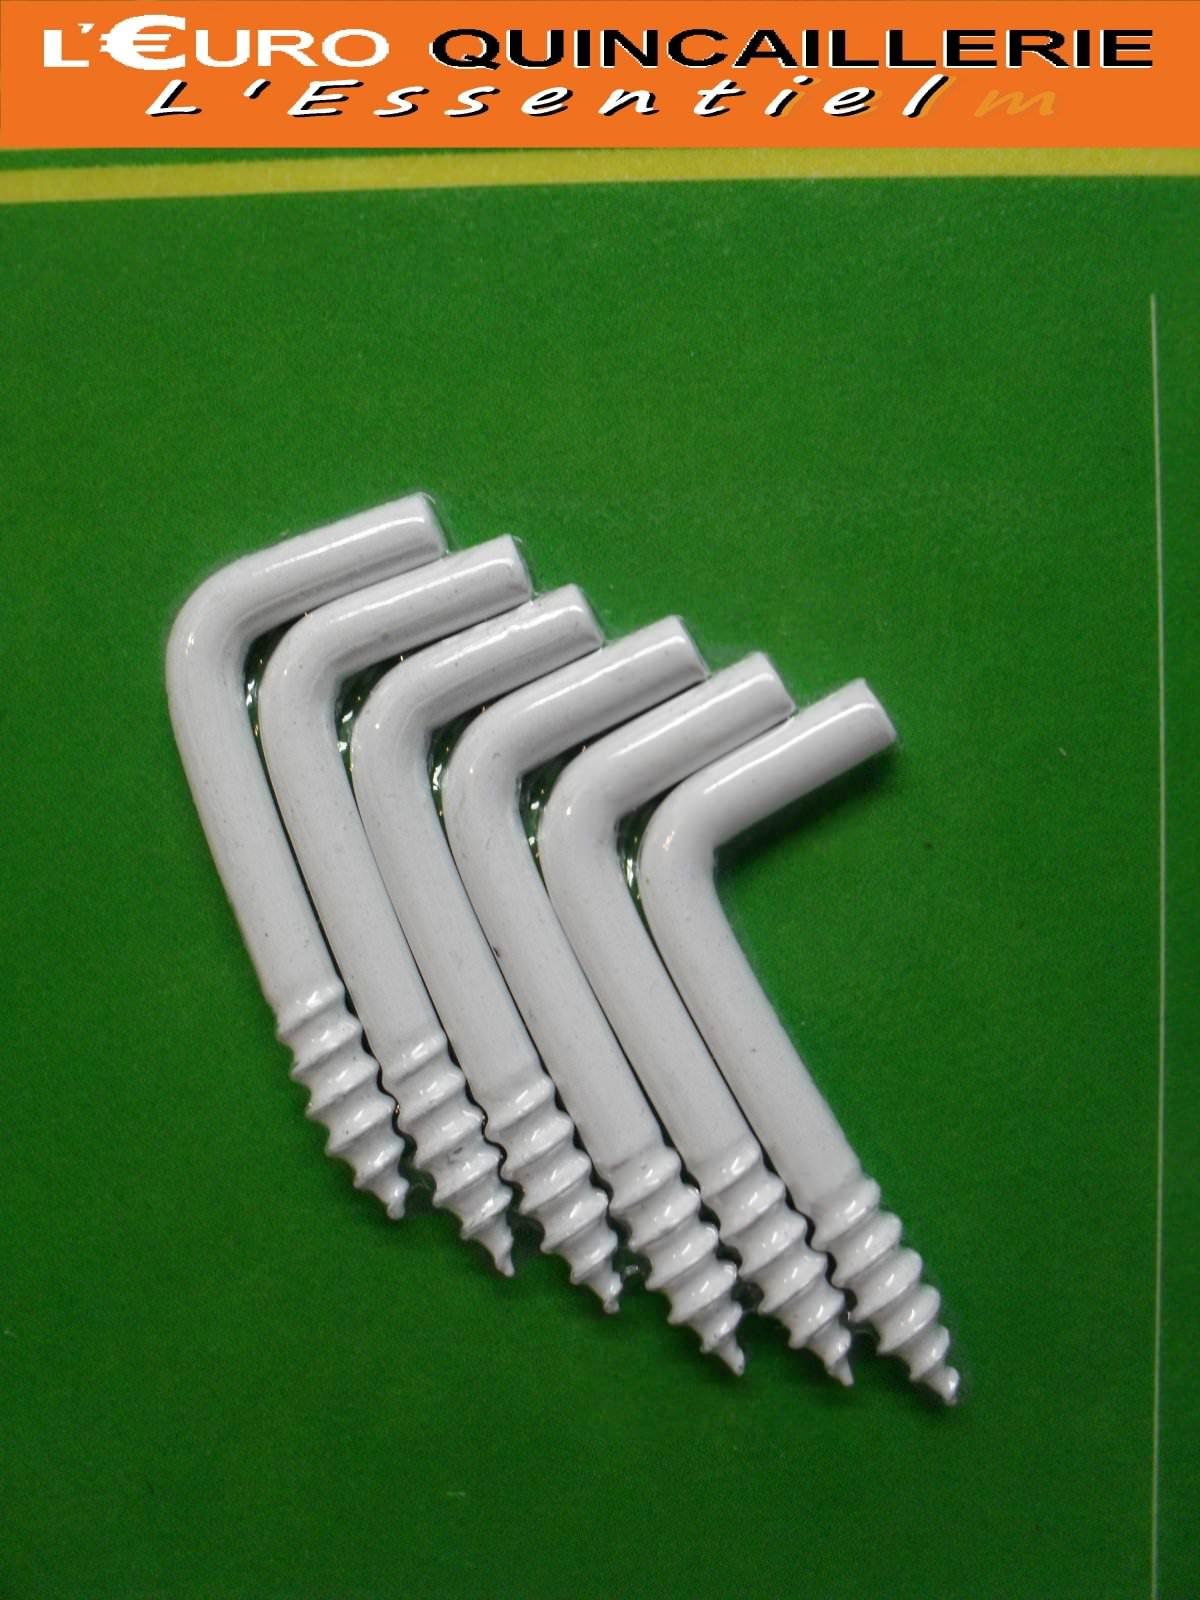 6 Gonds à vis acier plastifié blanc 3x30mm